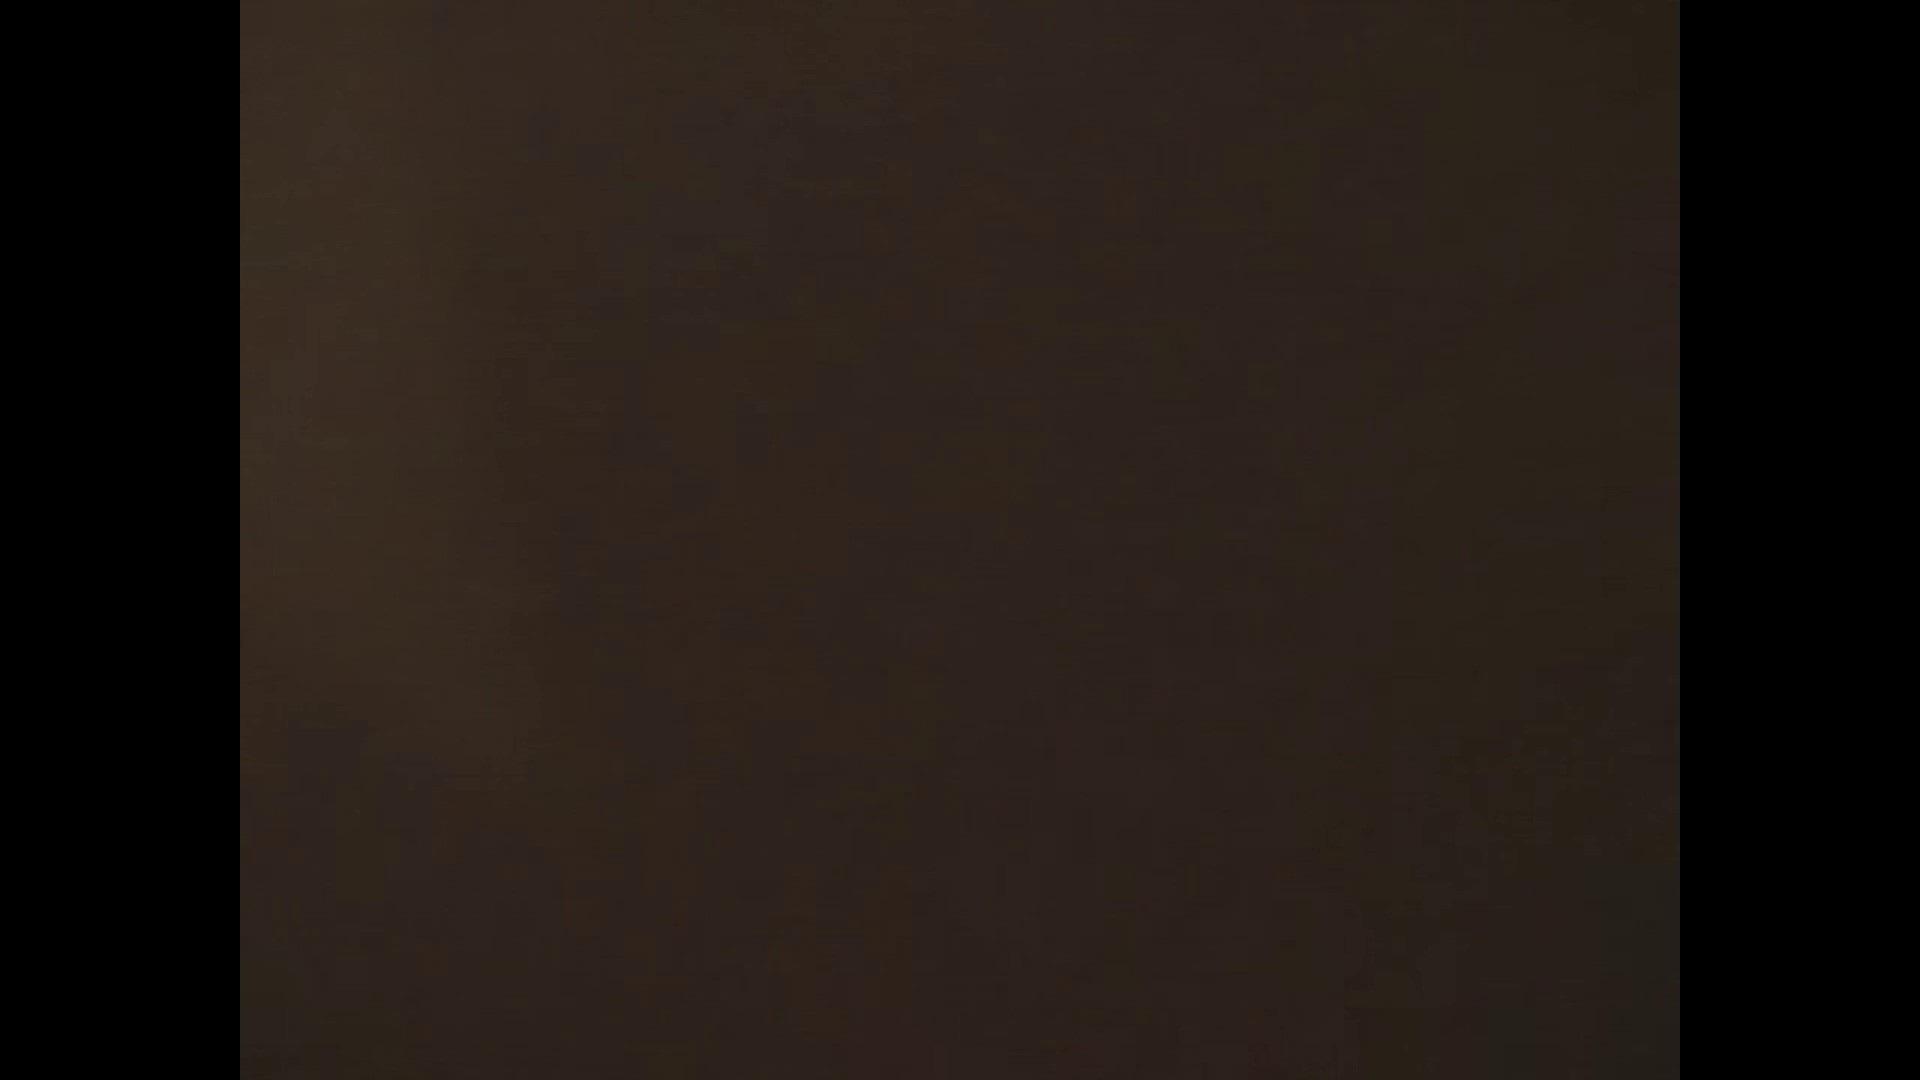 突然ですがしゃぶらせてください Vol.7 流出特集 ゲイフェラチオ画像 106枚 73